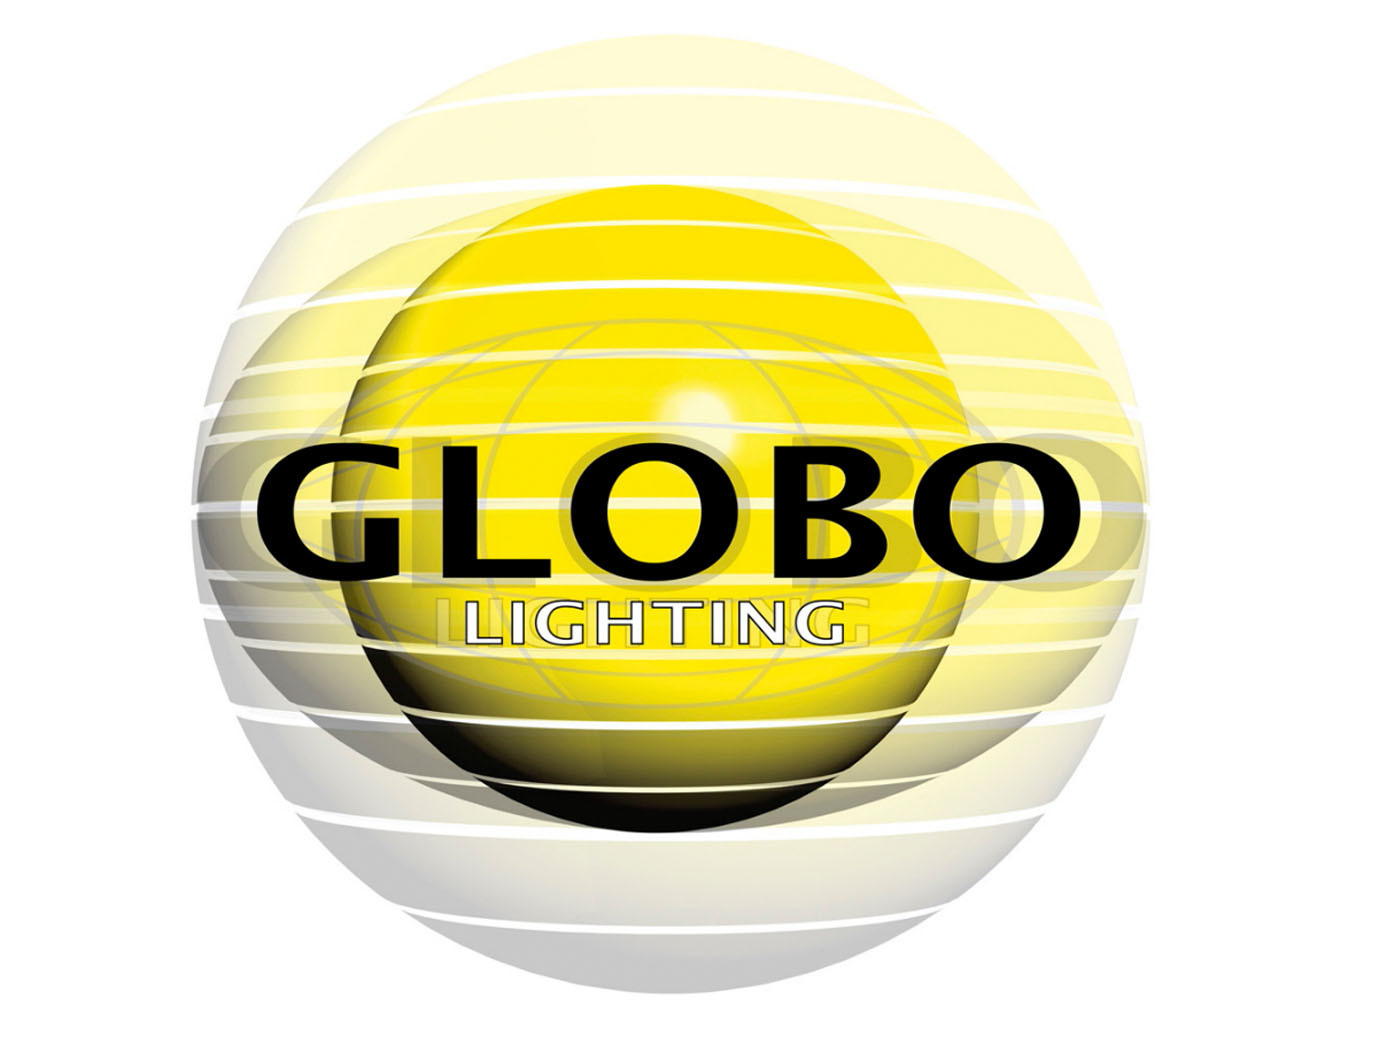 Globo LED Außenleuchte Edelstahl Pollerleuchte Wegeleuchte Gartenbeleuchtung